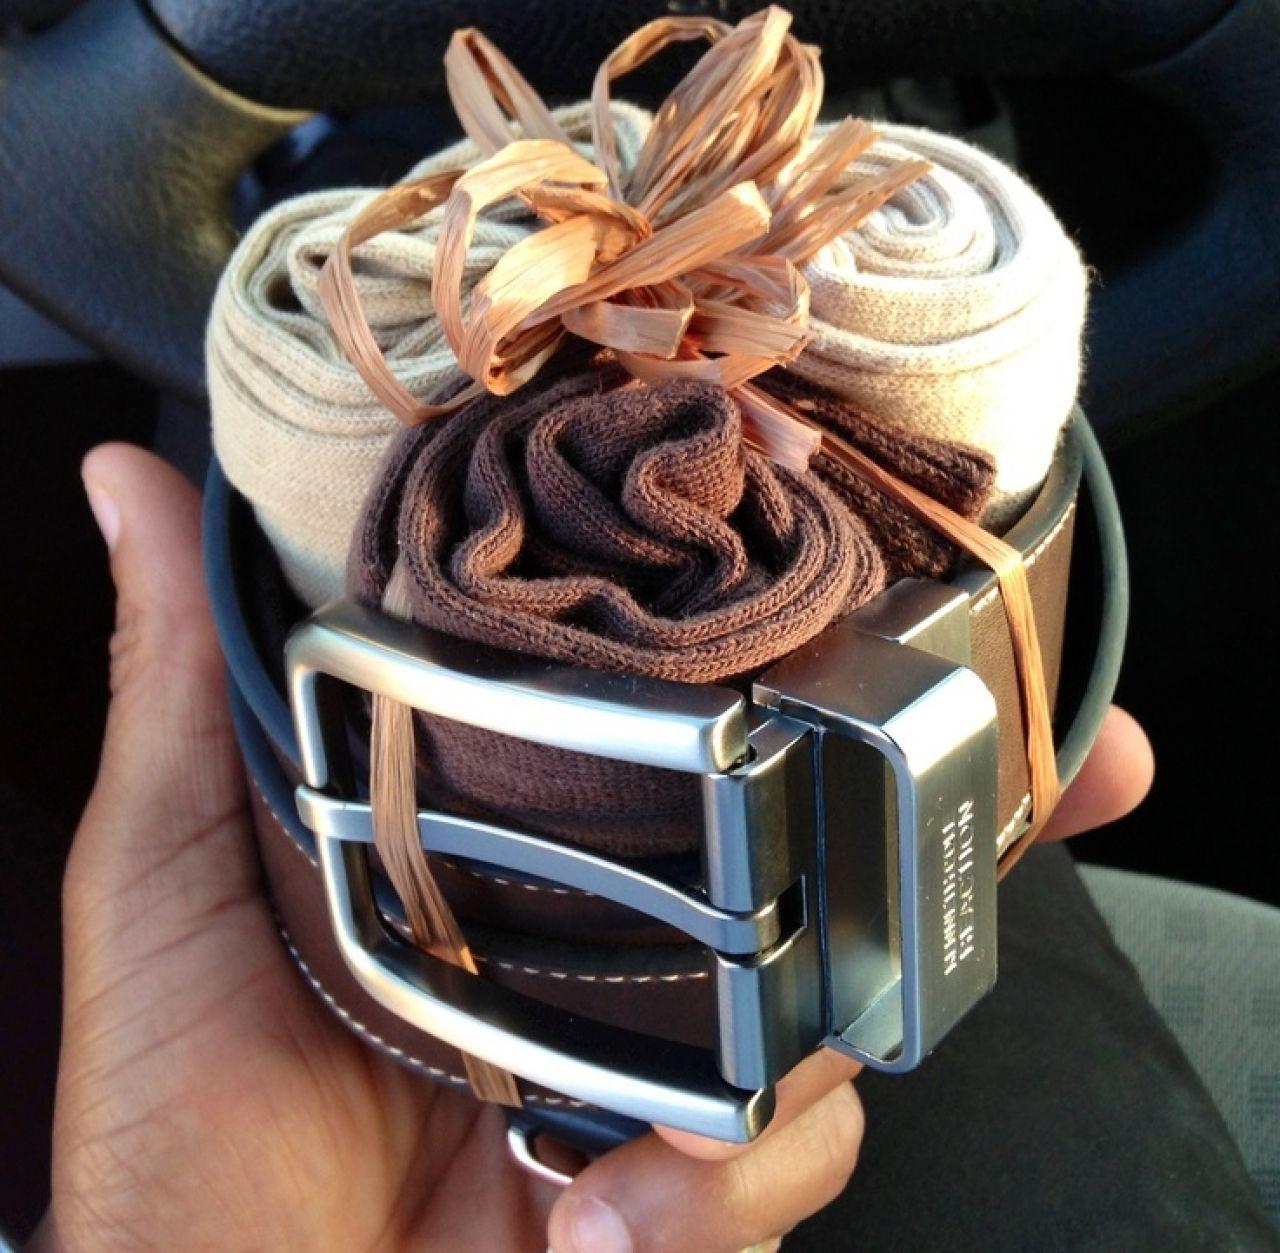 ❶Креативные подарки на 23 февраля мужчинам|Подарок на 23 февраля любовнику|Мужские подарки на 23 февраля🎁 (@egoist_man_box) • Instagram photos and videos|23 февраля: время дарить подарки мужчинам|}